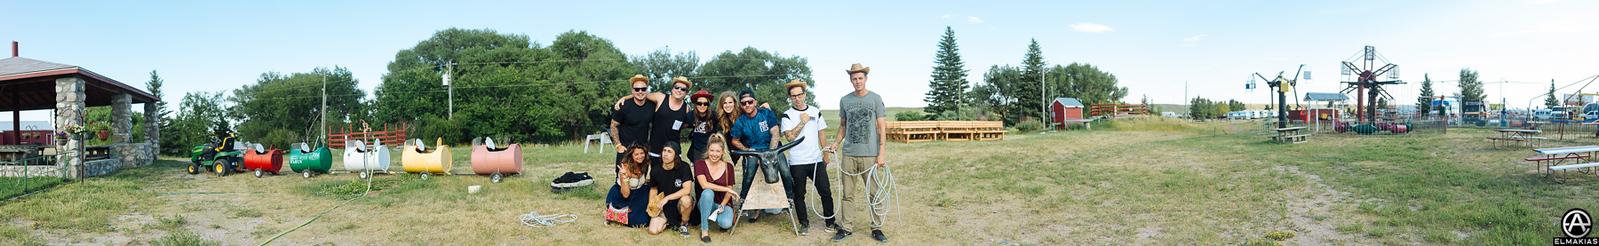 Group photo by Adam Elmakias